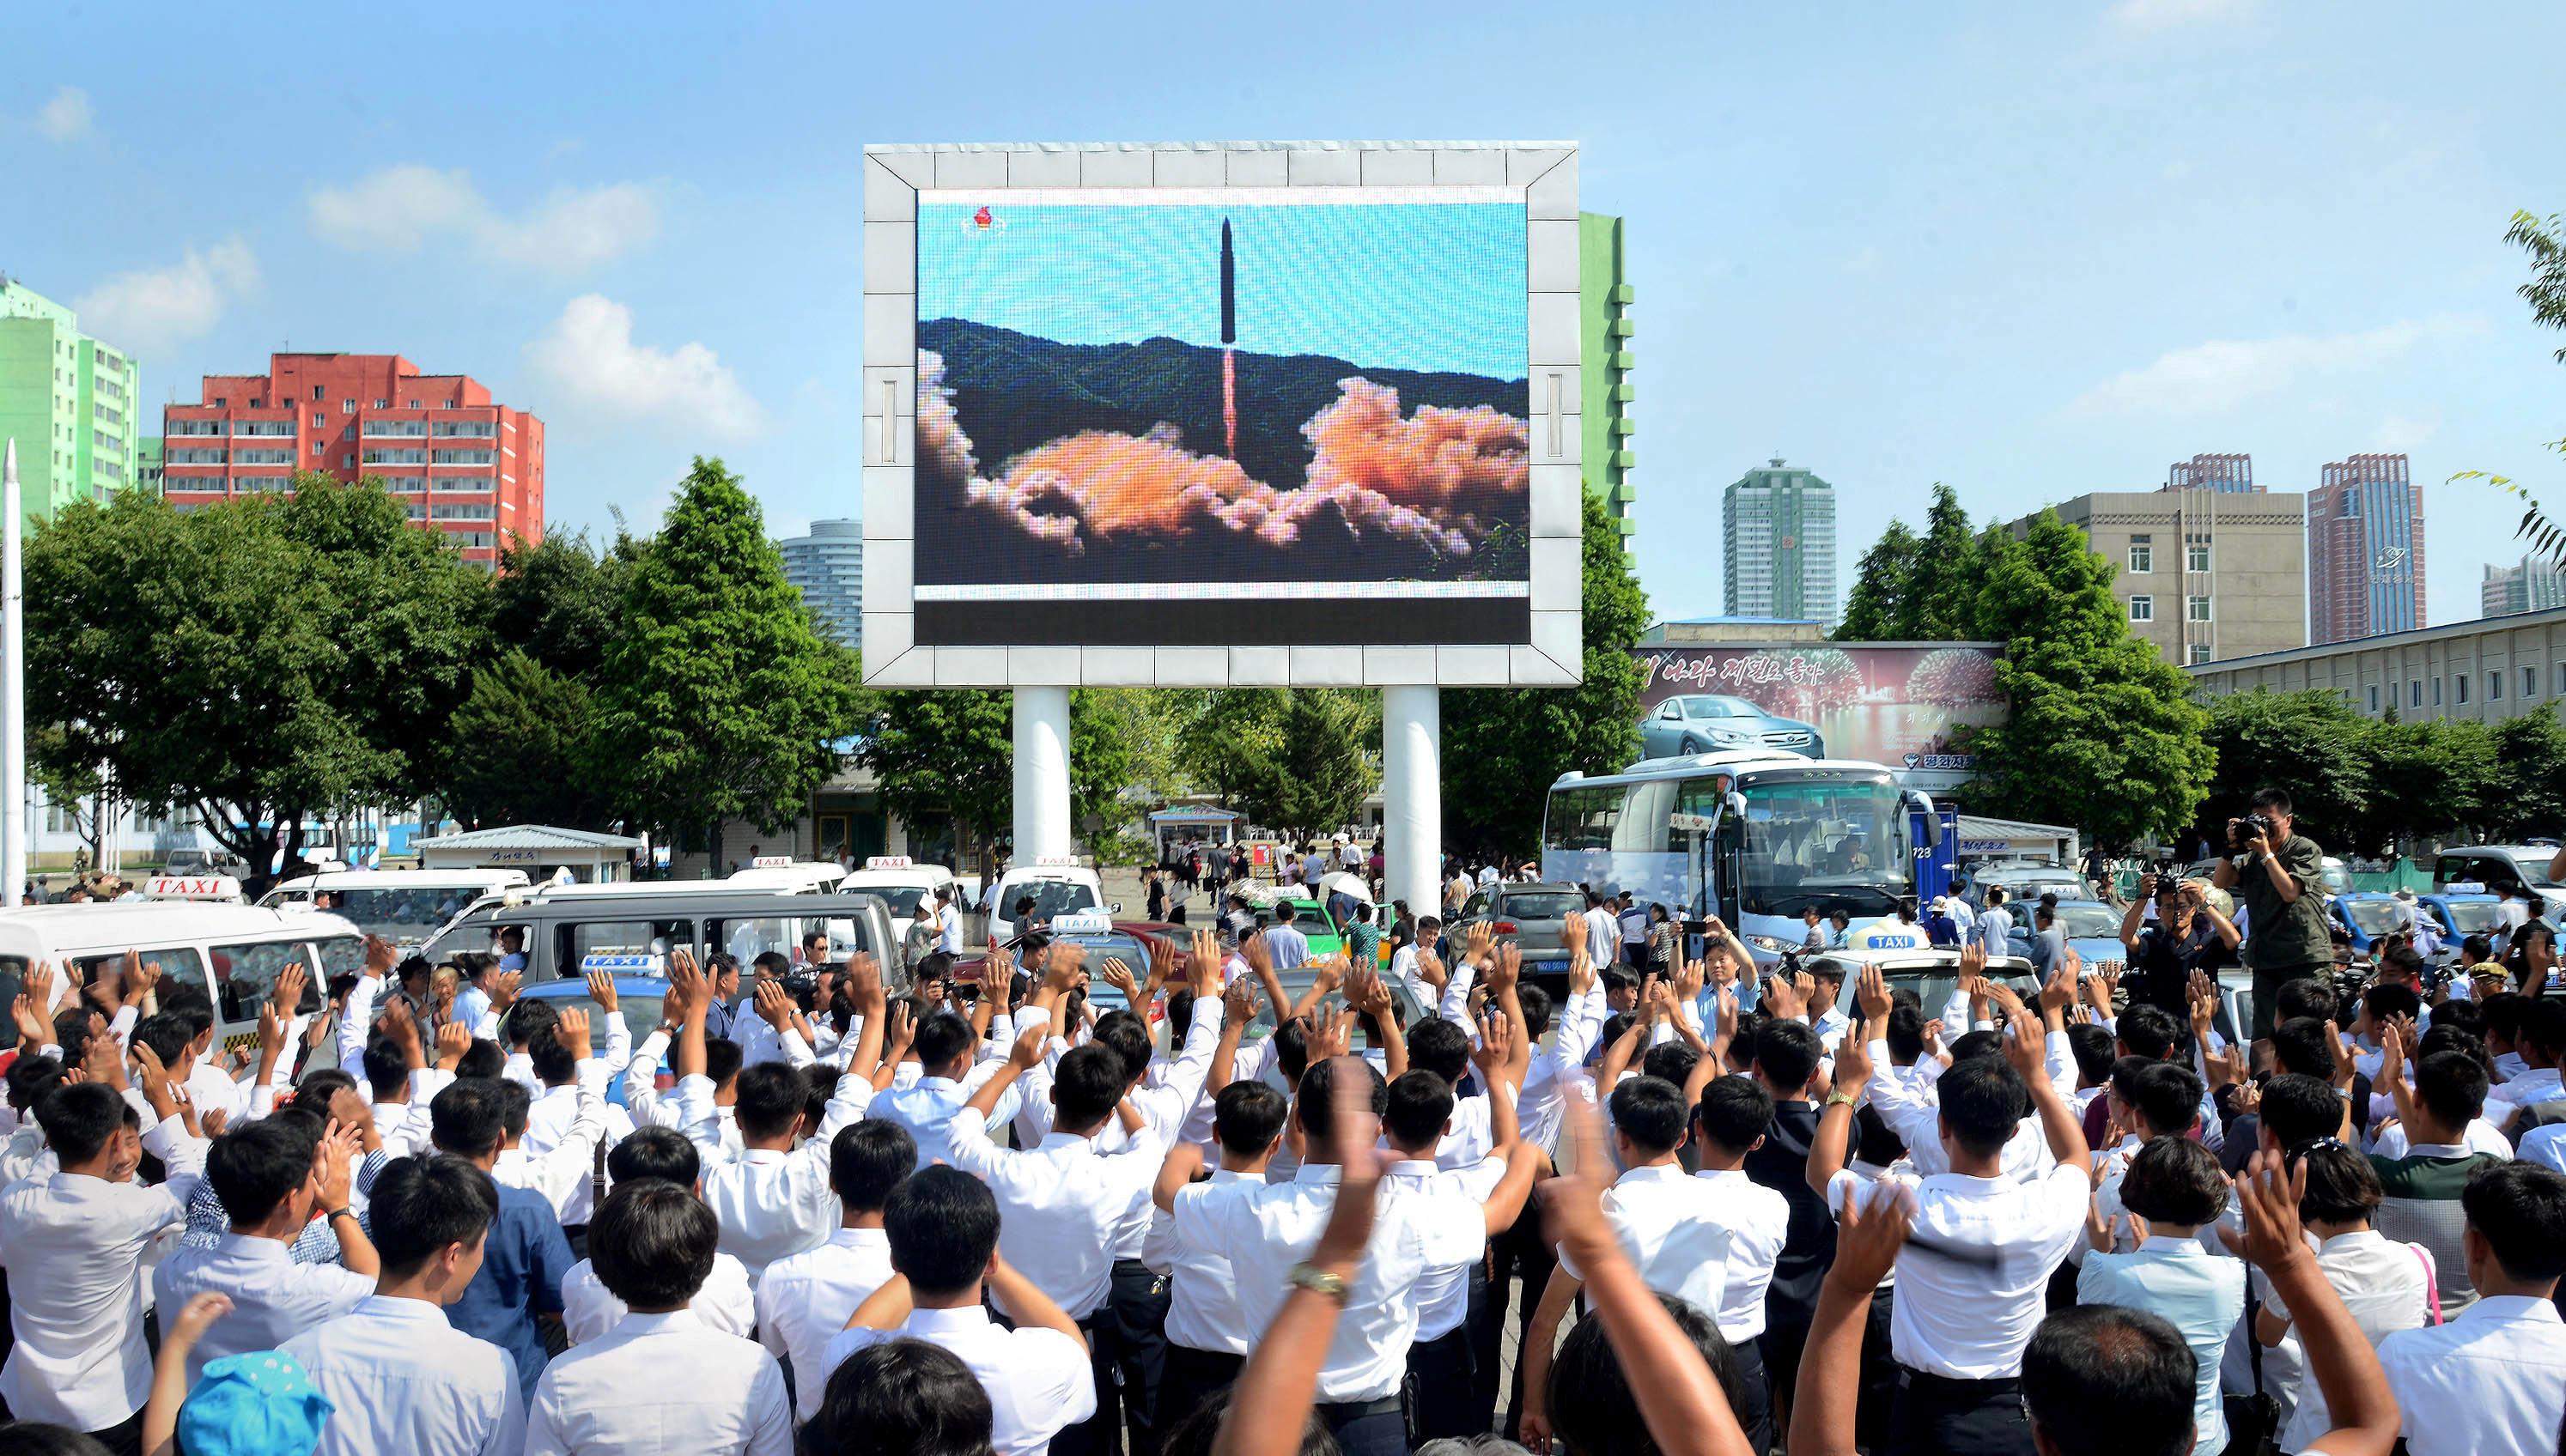 2017年7月5日,朝鮮人民在大螢幕前觀看洲際彈道導彈「火星14型」發射升空一刻。